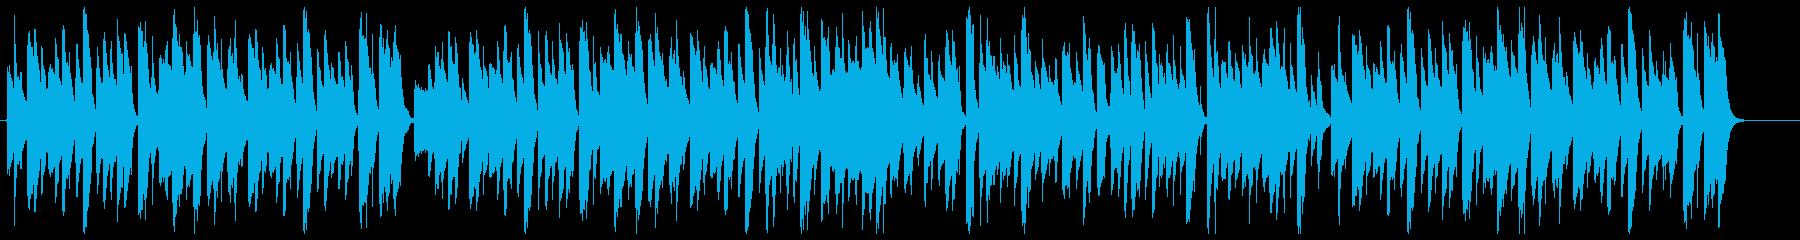 ややコミカルなジャズピアノの再生済みの波形